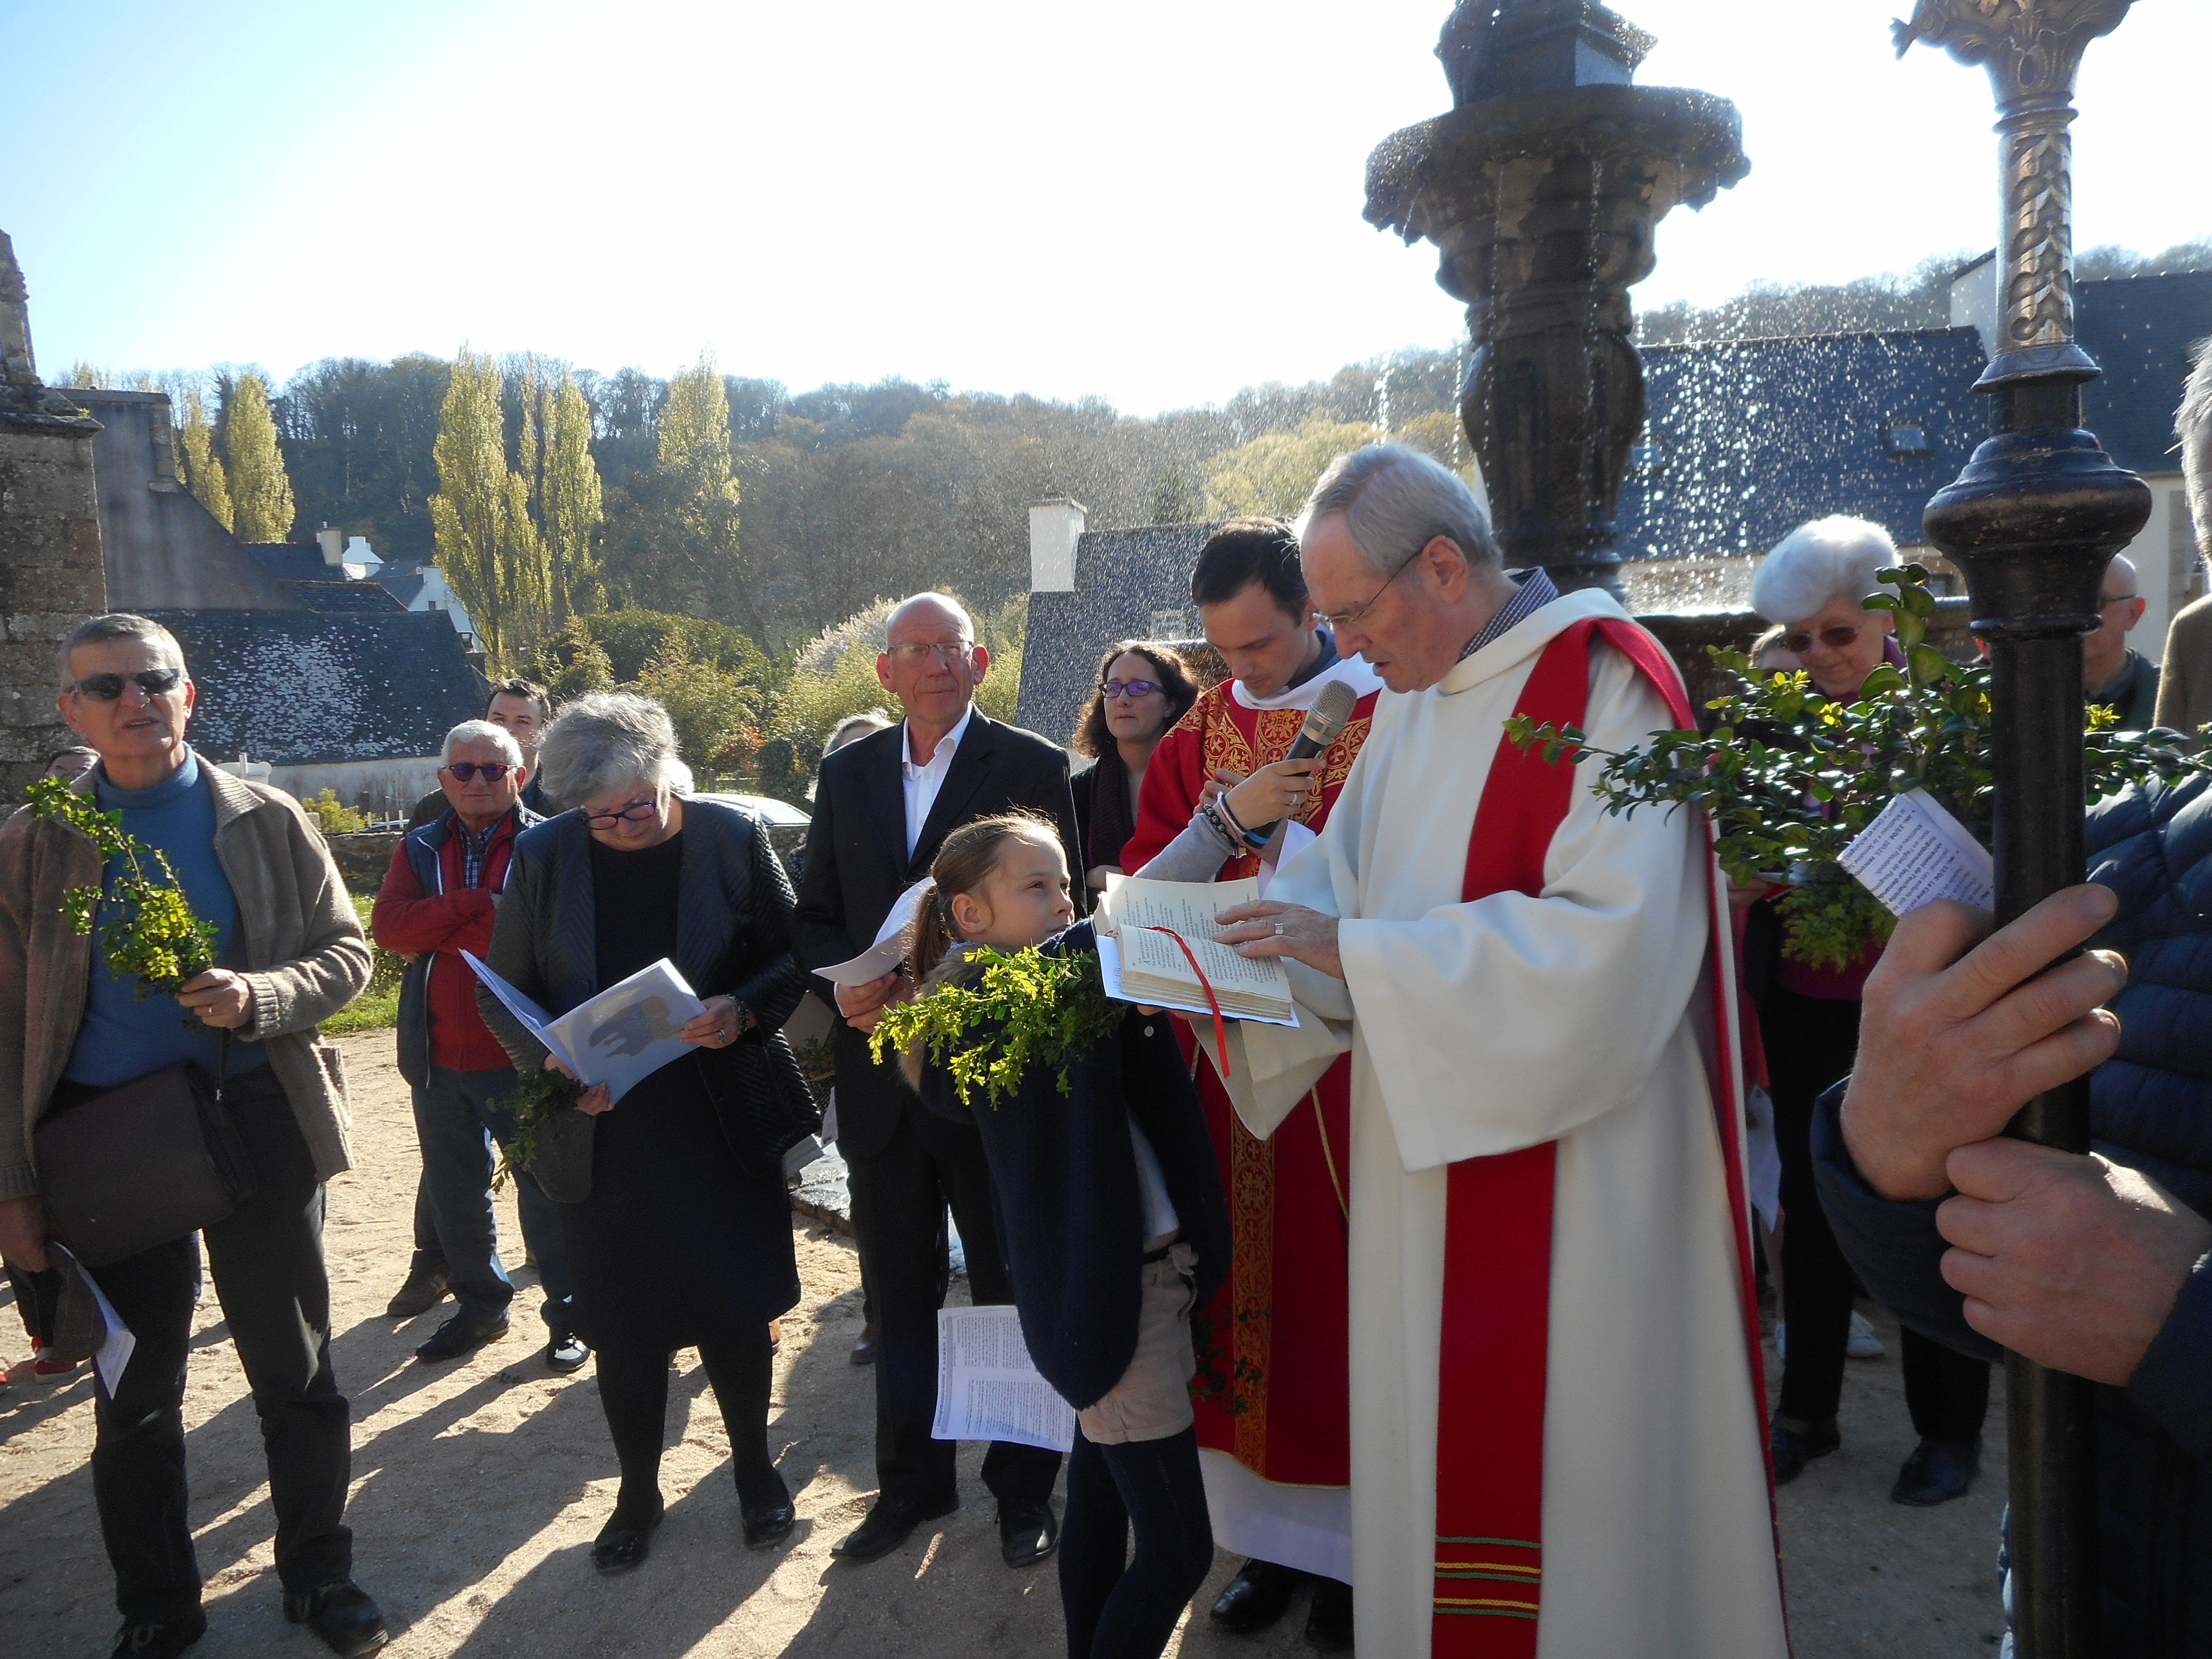 2-La bénédiction des rameaux autour de la fontaine